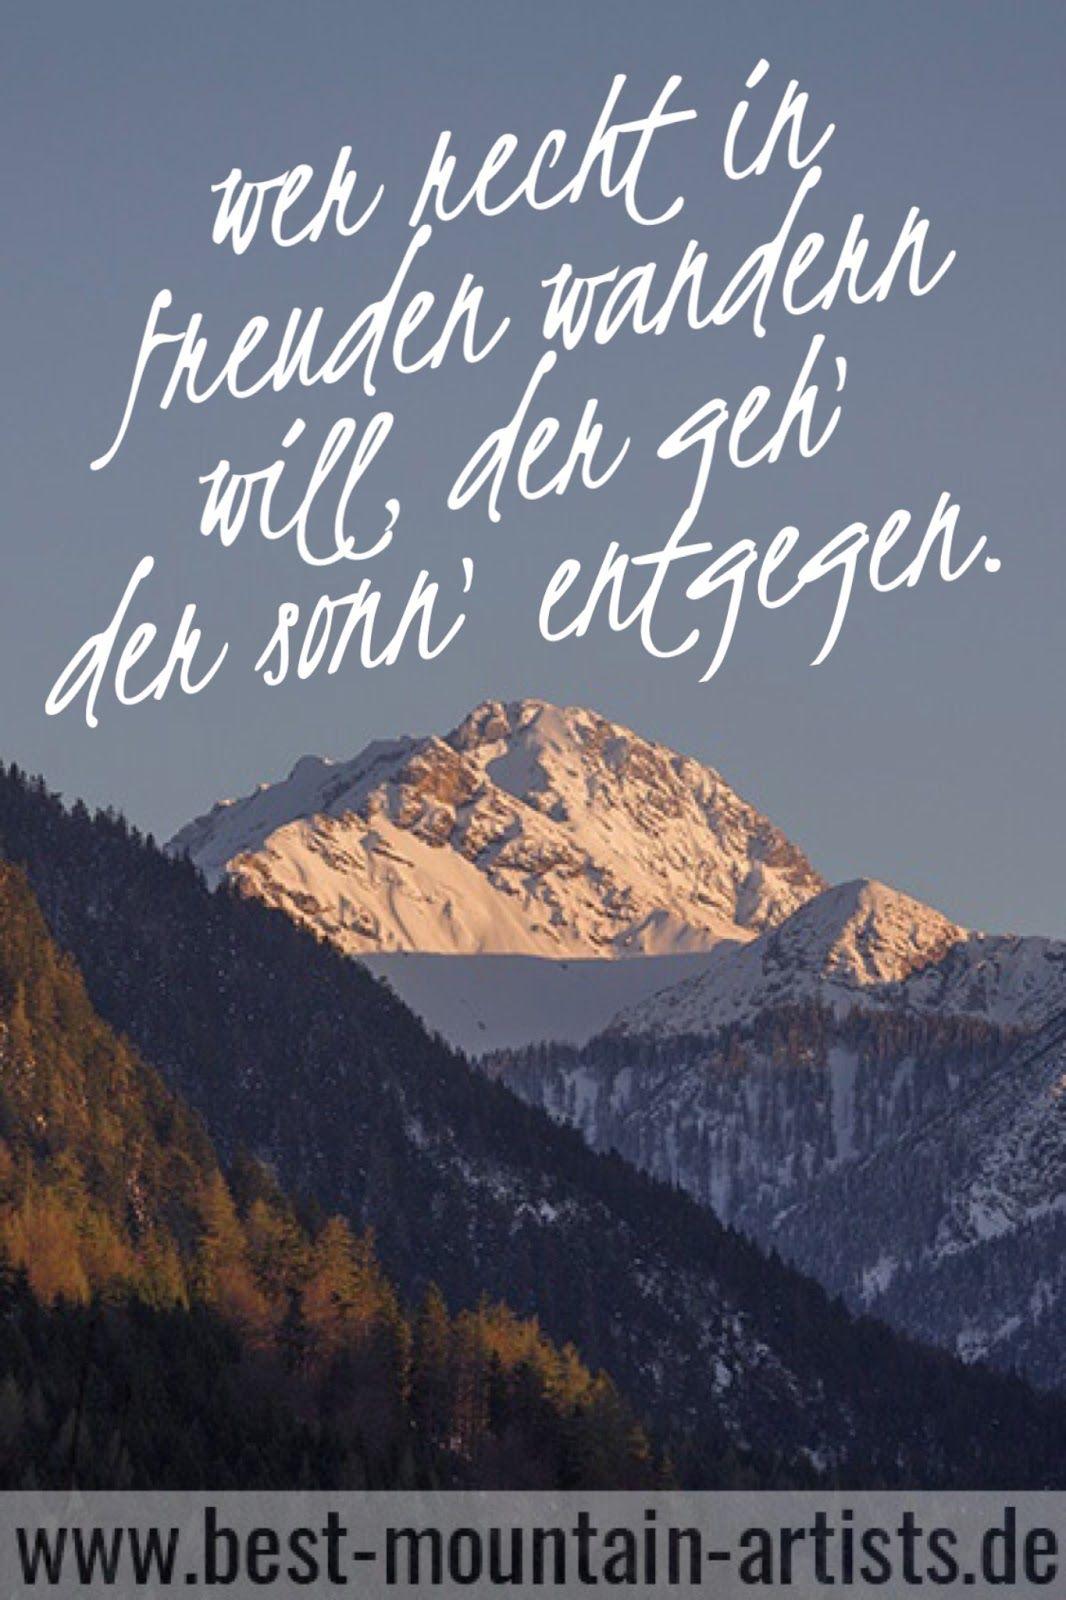 Die 100 Besten Wanderzitate Zitat Wand Wandern Und Urlaub Berge